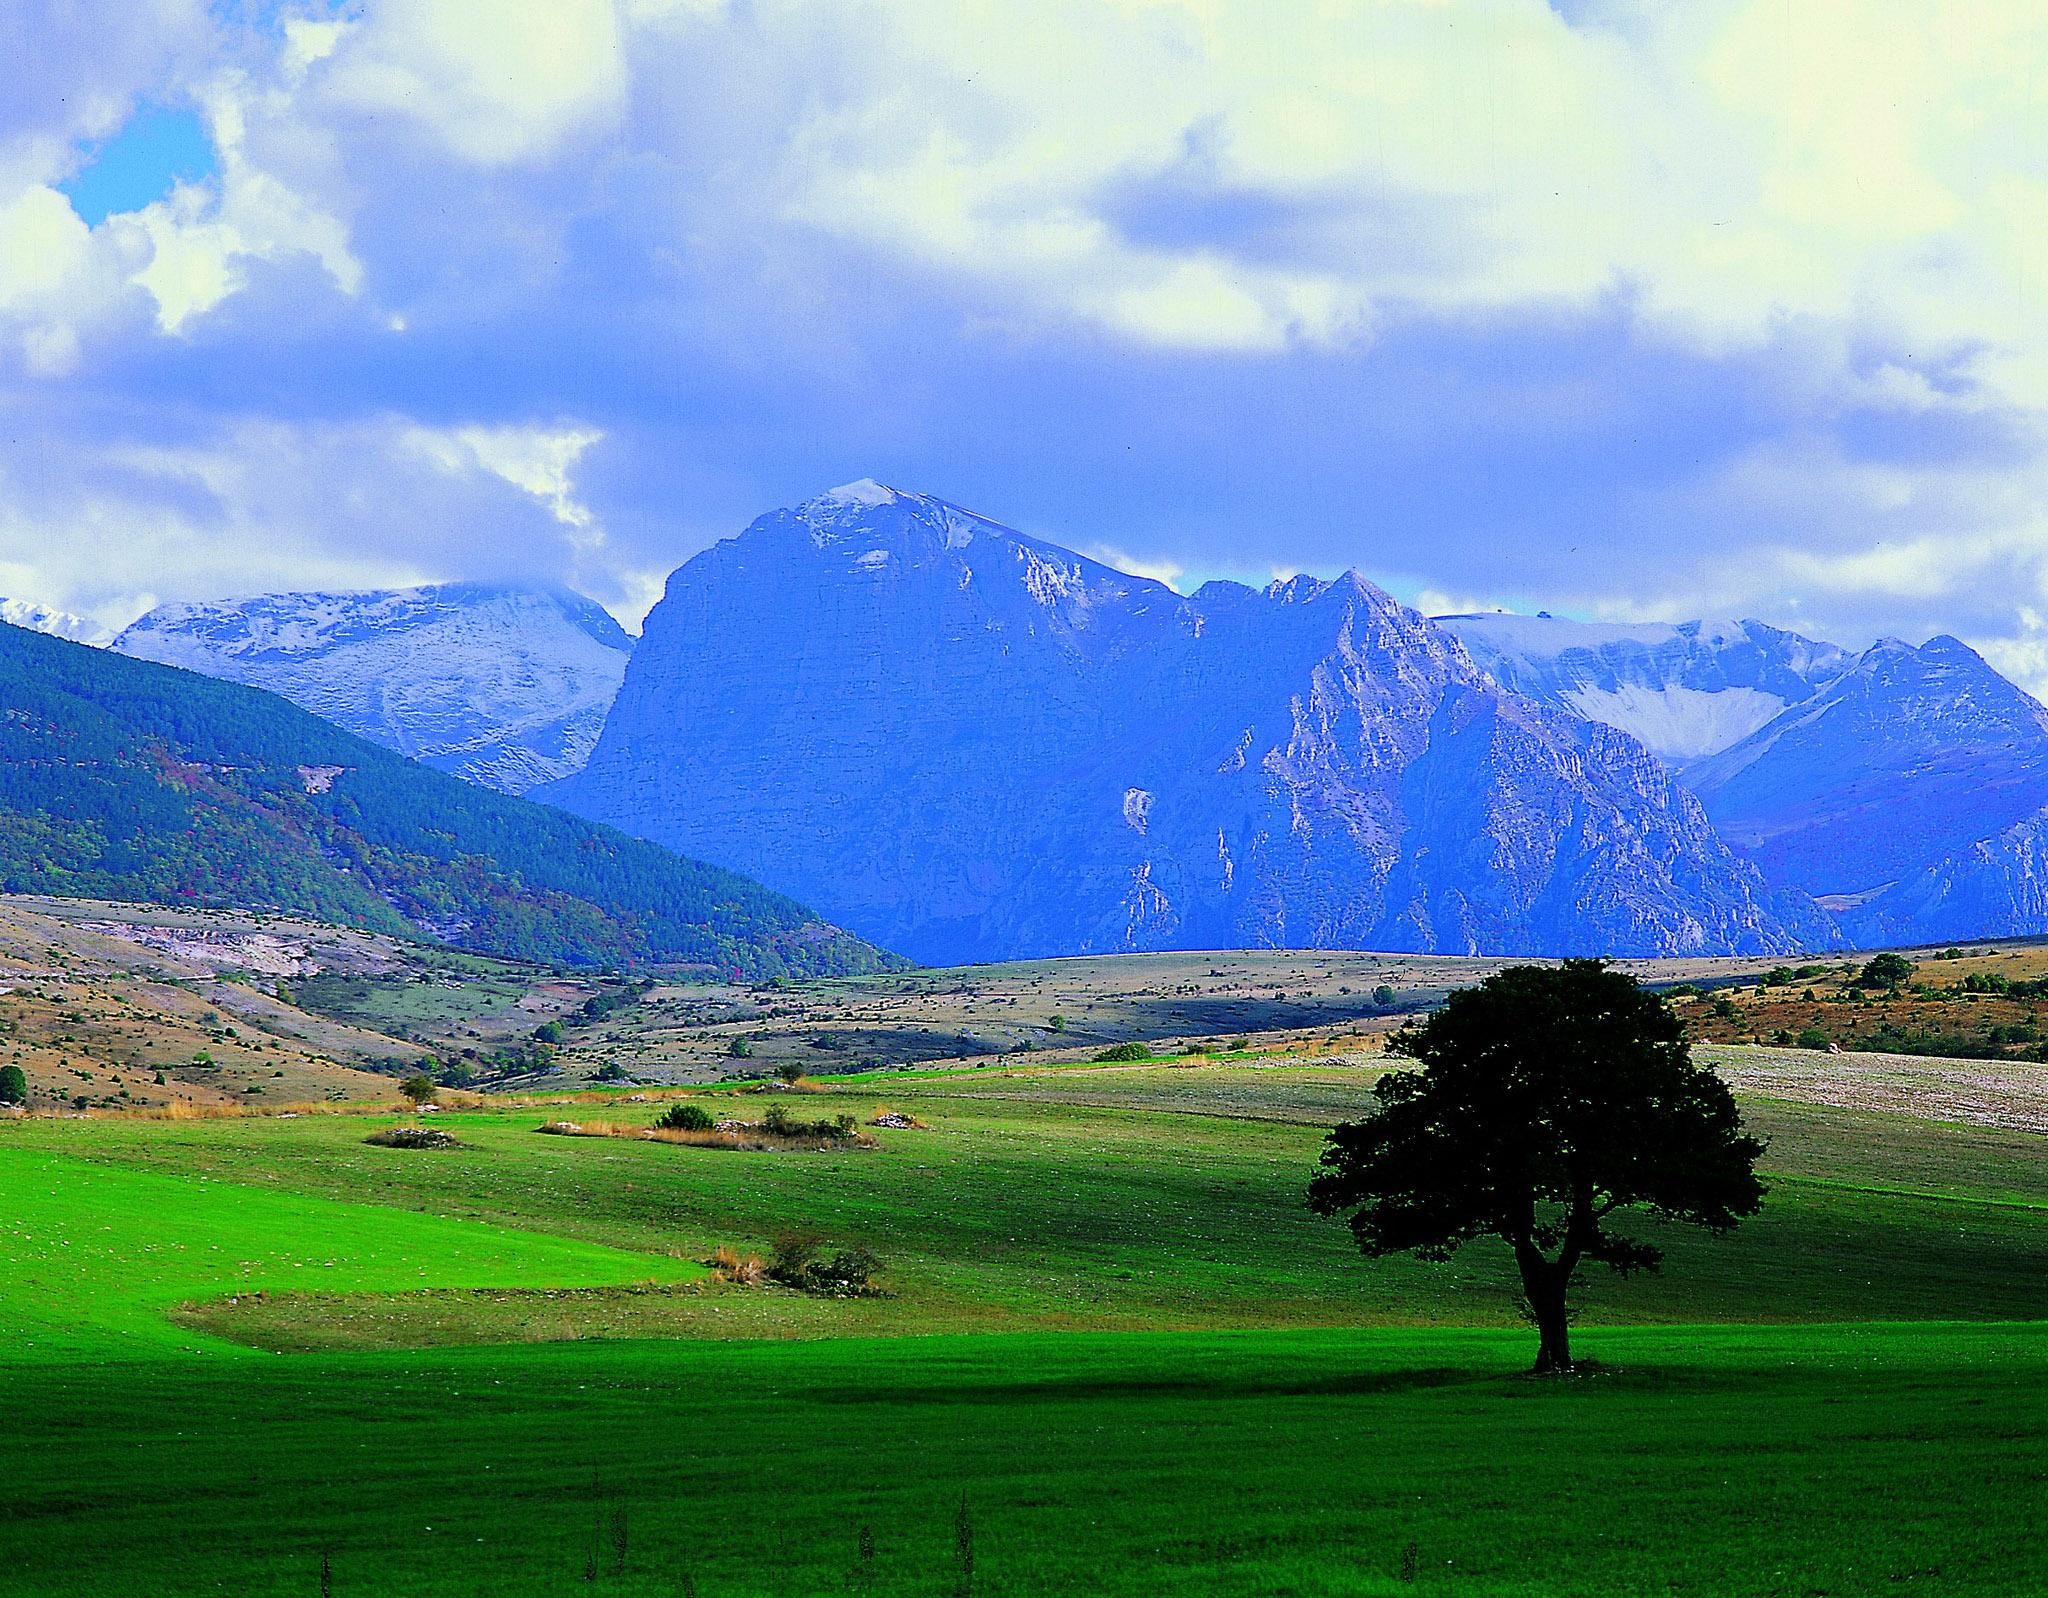 Parco Nazionale dei Monti Sibillini © marche Tourism da Flickr